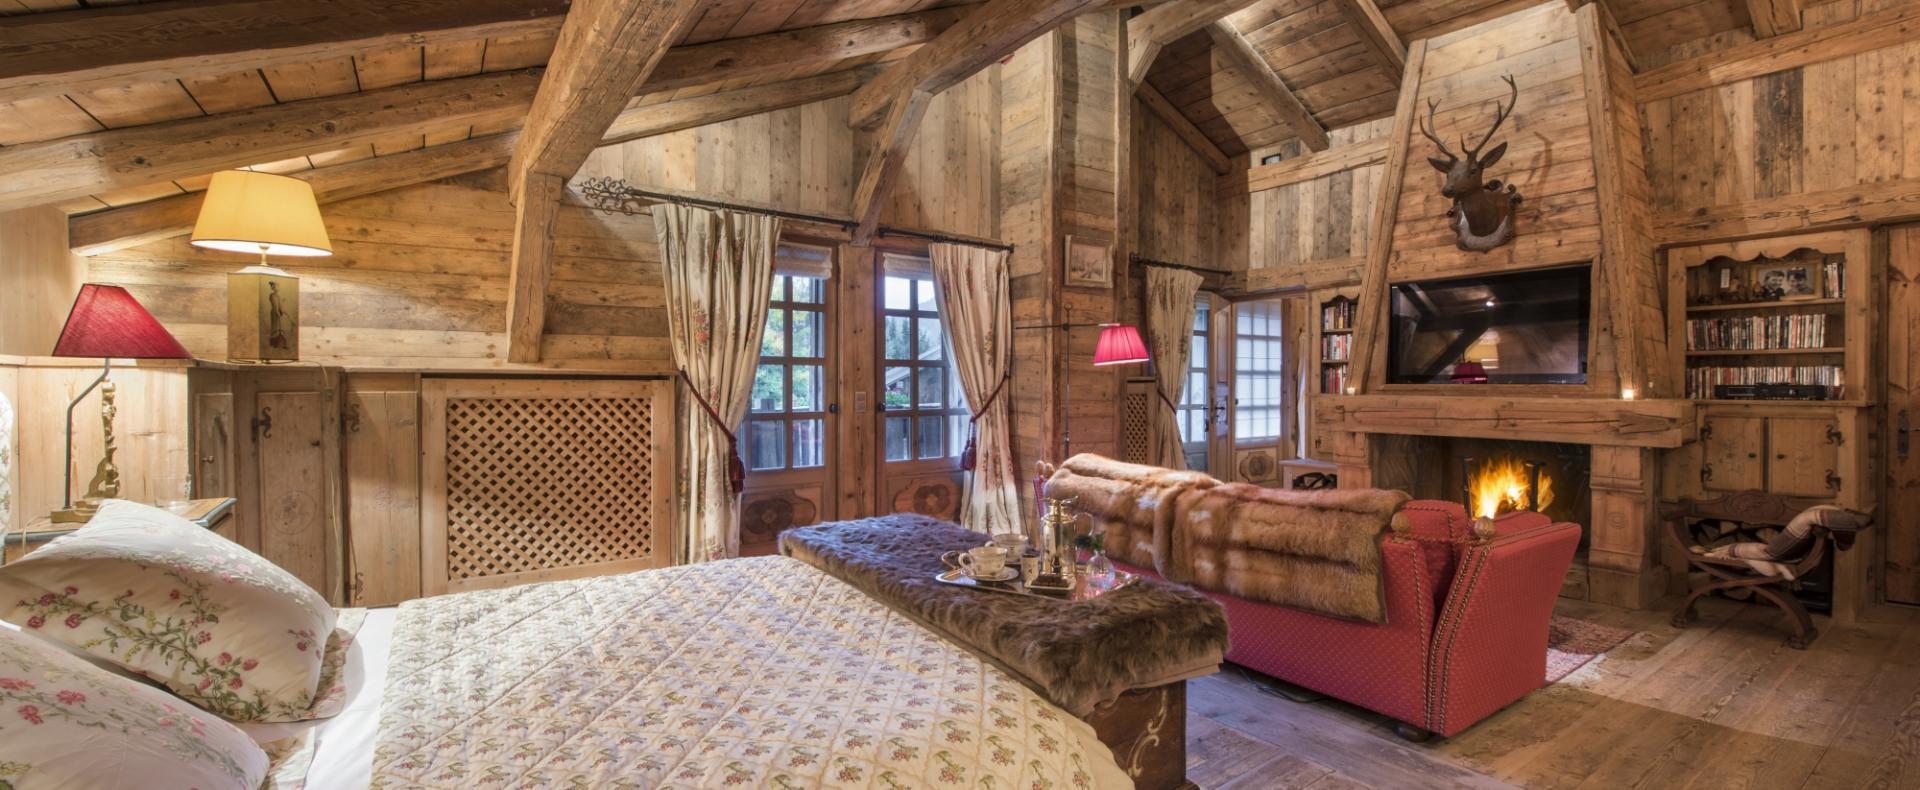 Chalet Ma Datcha Ski Megeve France Ultimate Luxury Chalets